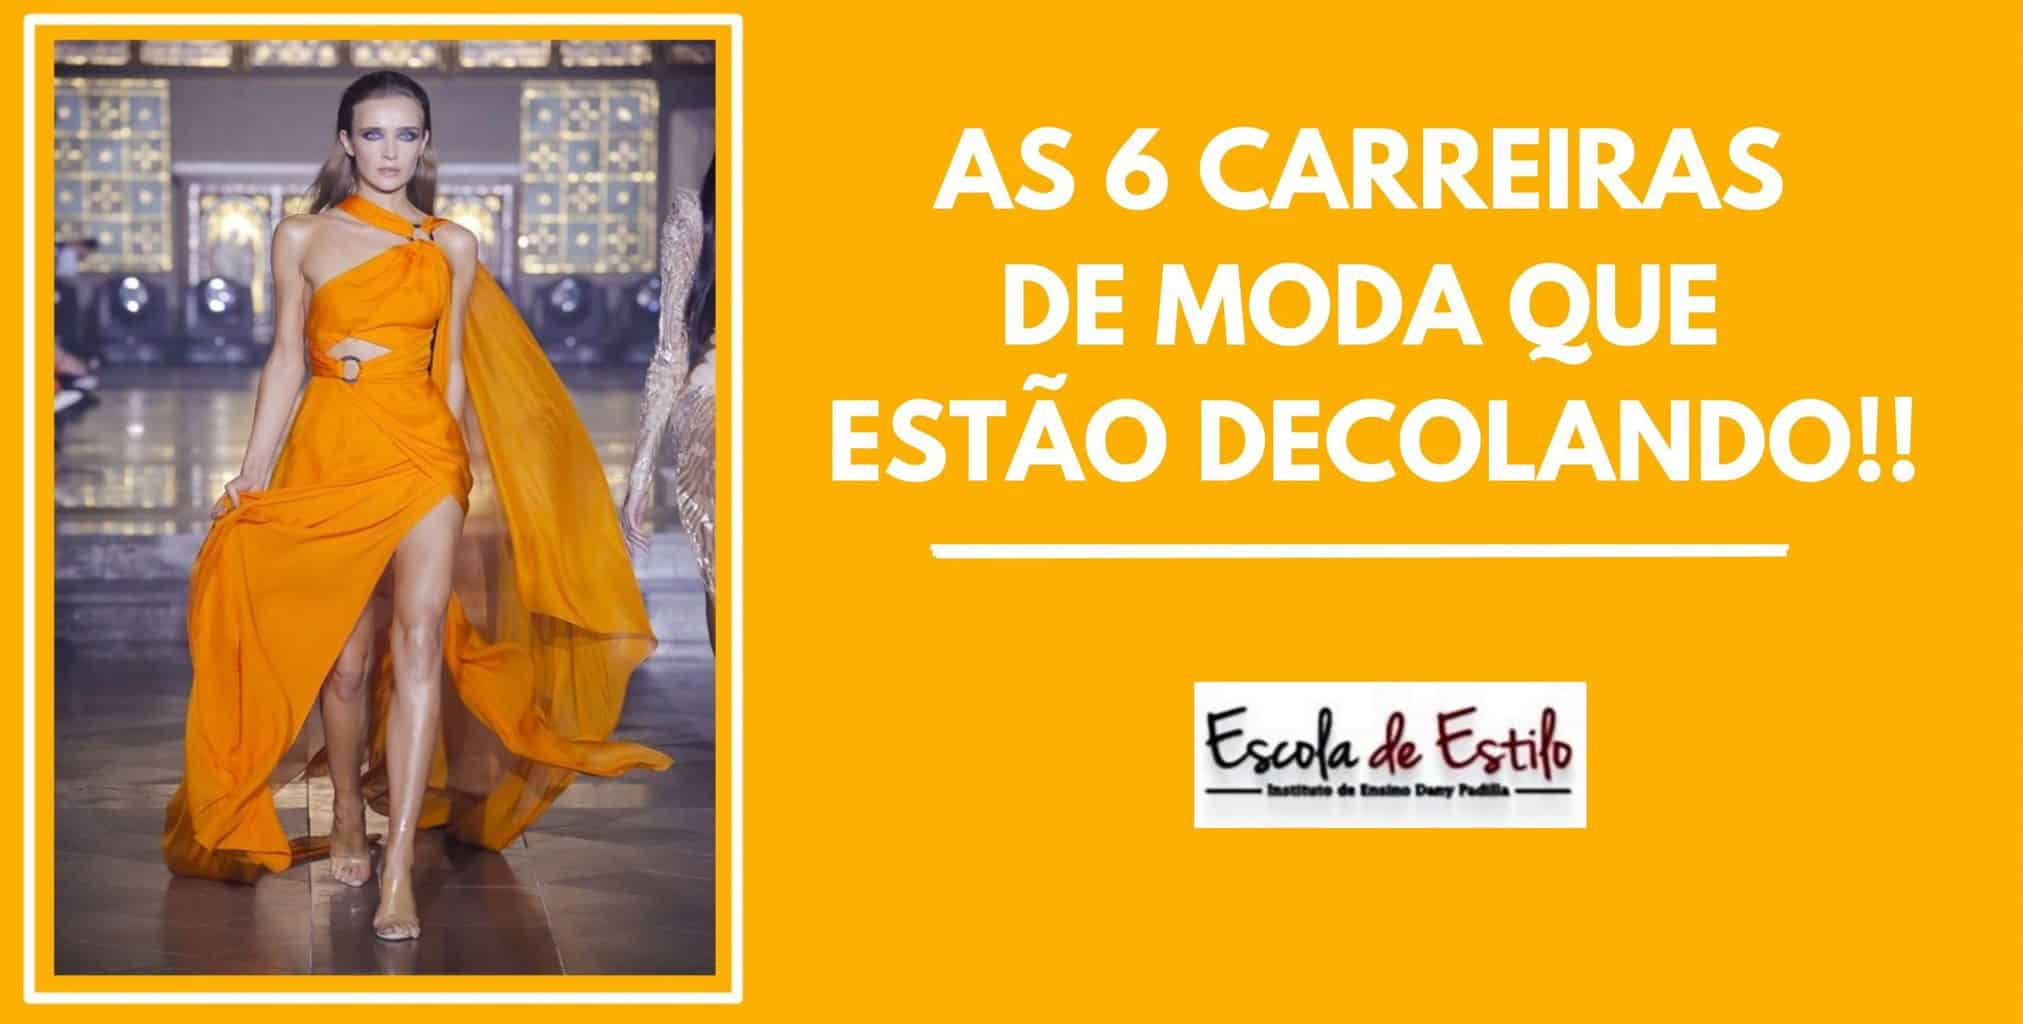 AS 6 CARREIRAS DE MODA QUE ESTÃO DECOLANDO!!